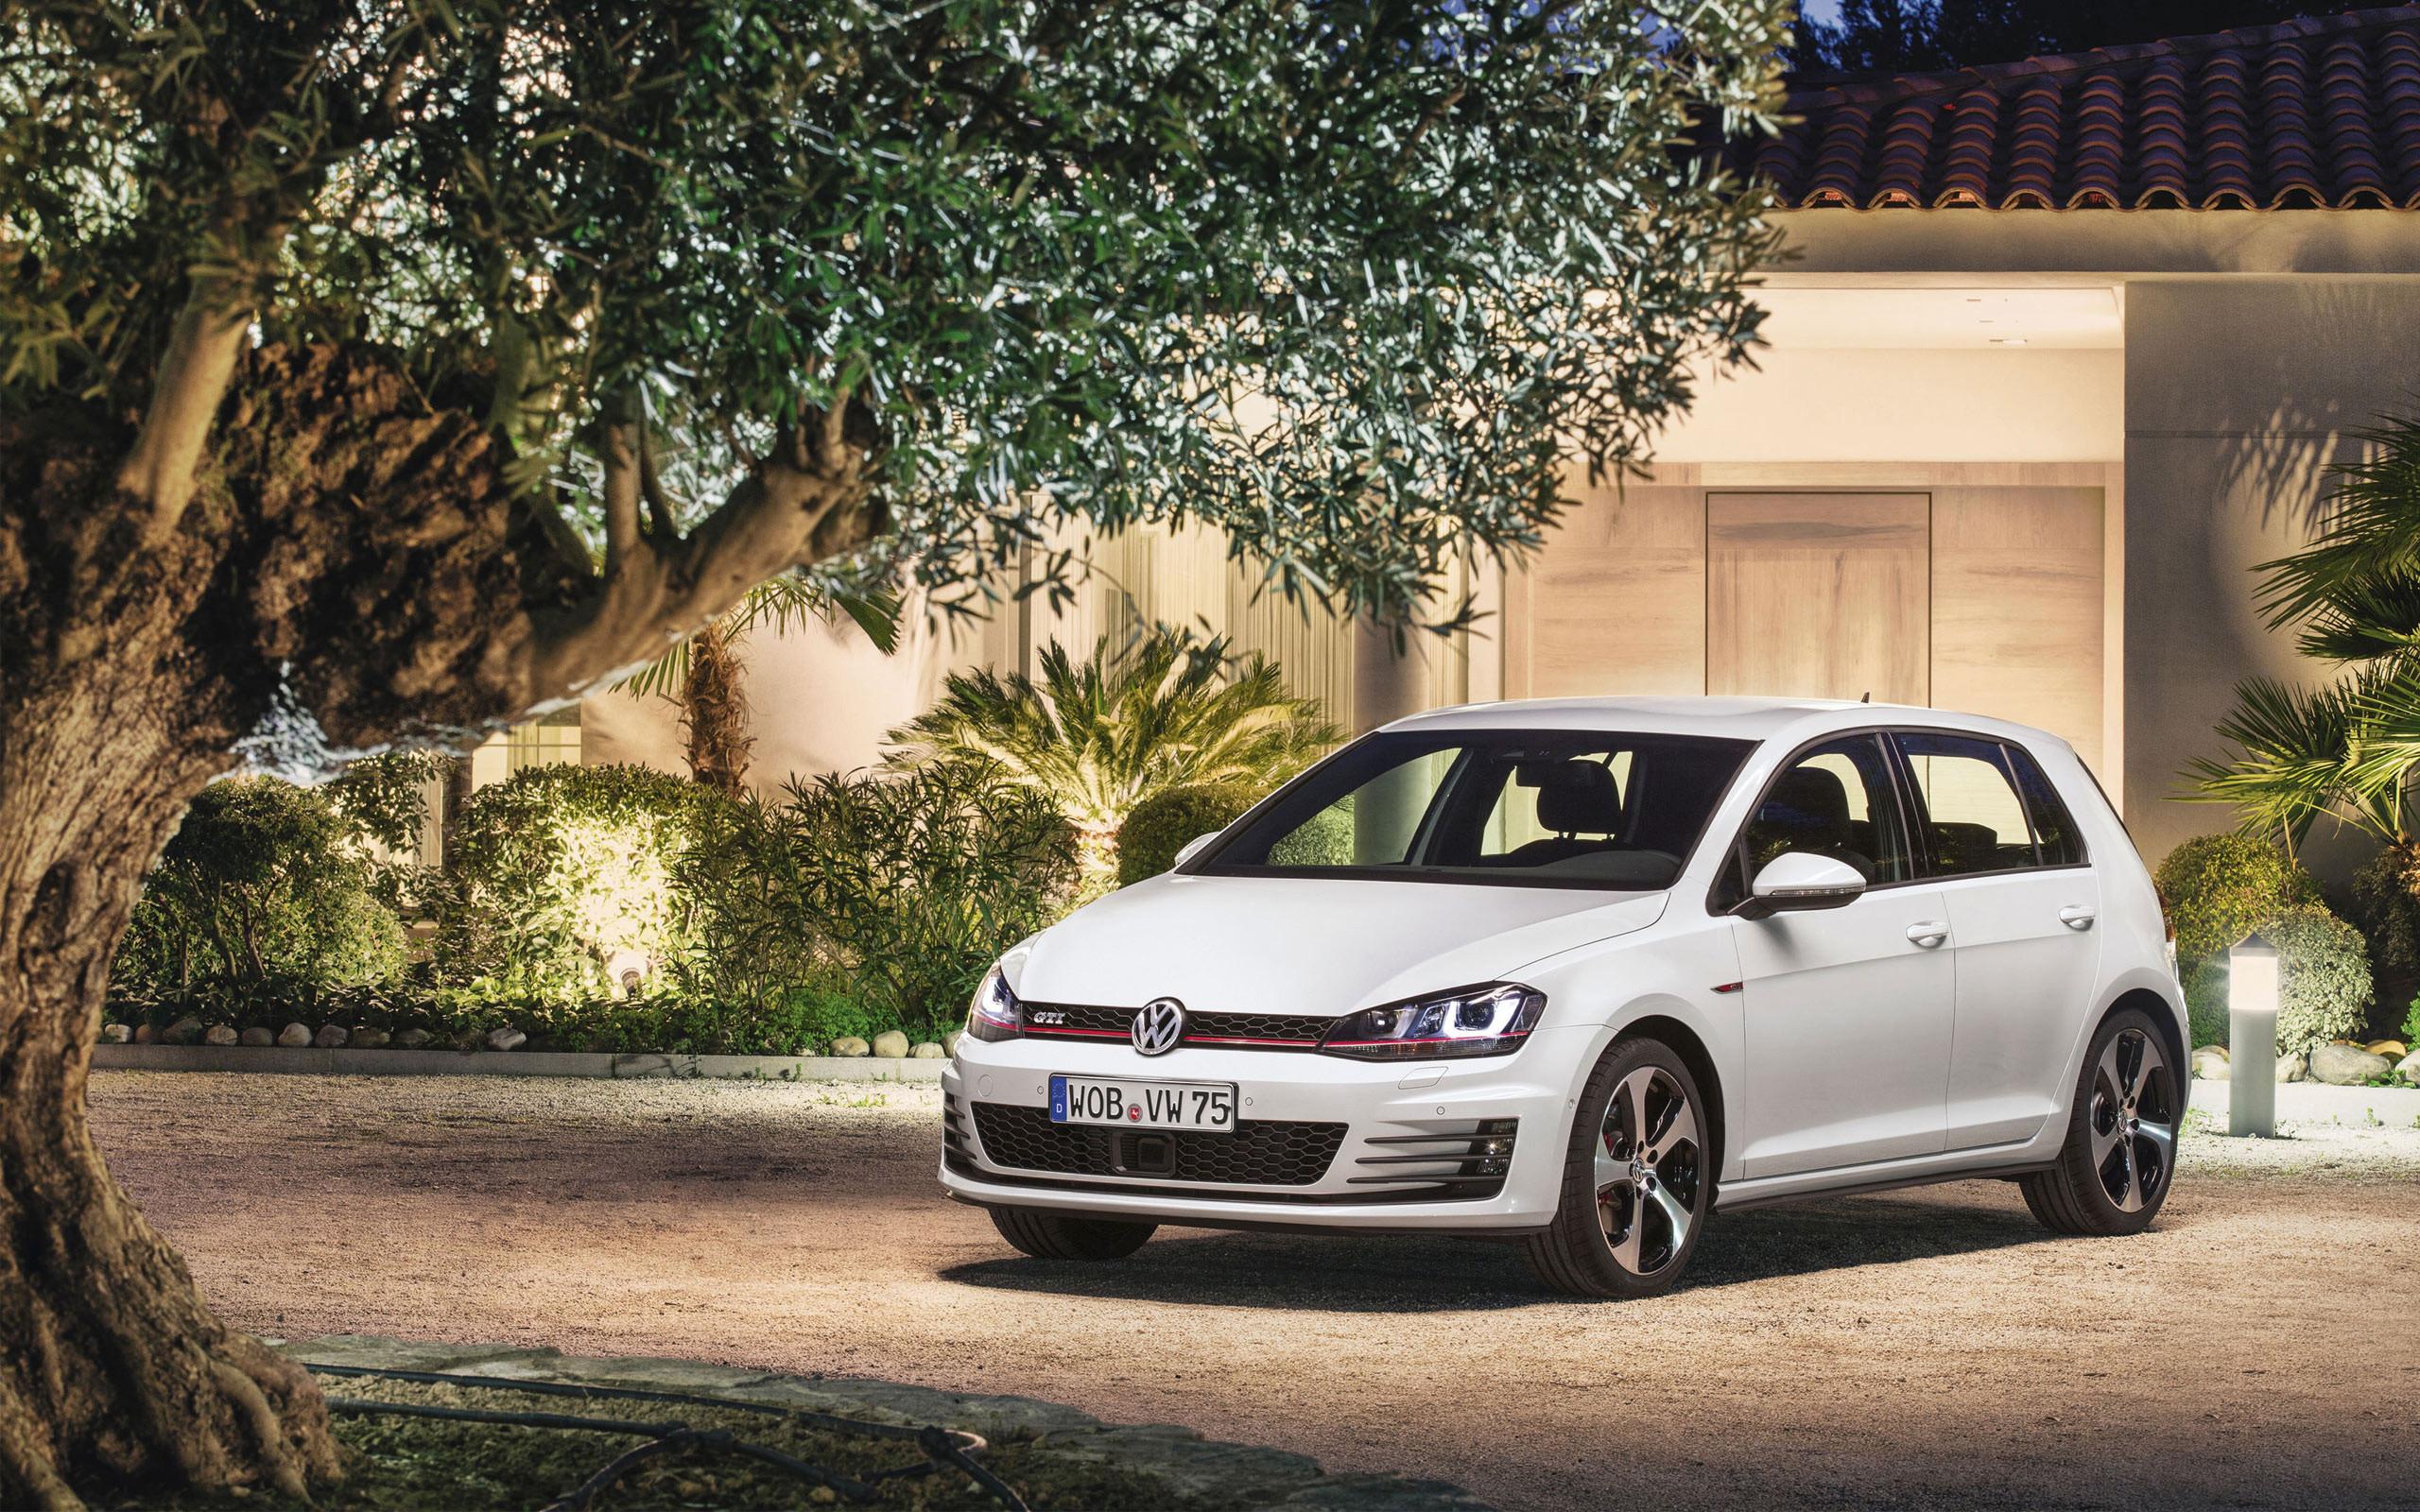 Res: 2560x1600, Volkswagen Golf Gti Wallpaper